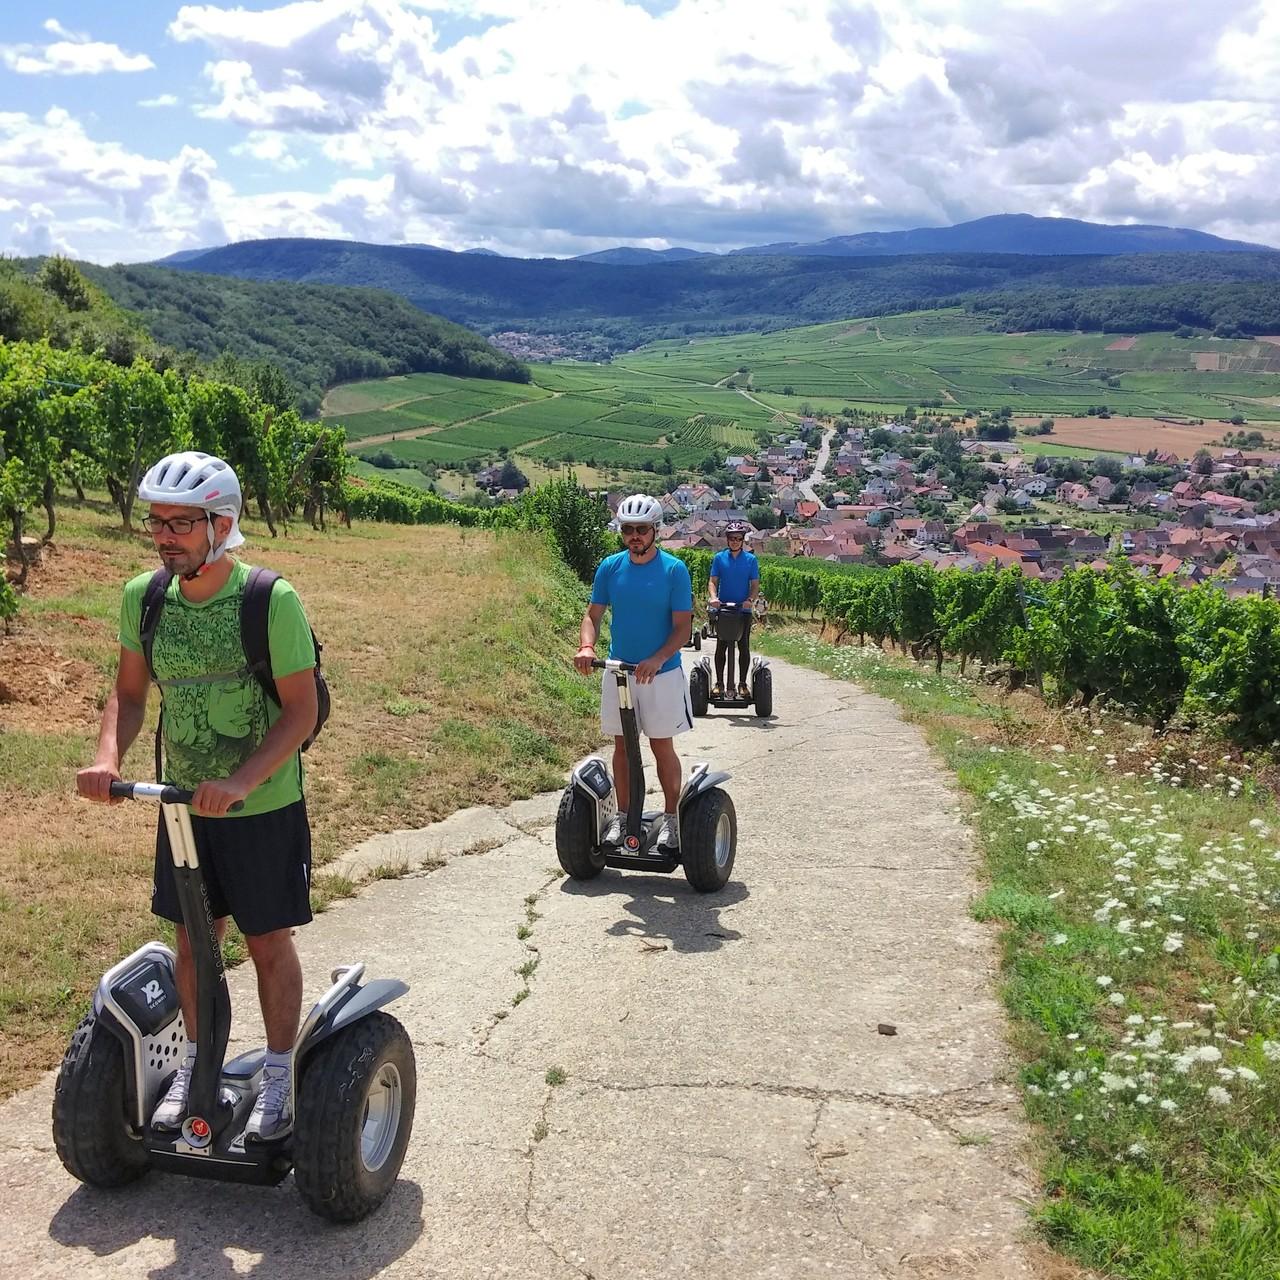 FUN MOVING GYROPODE SEGWAY EN ALSACE  - oenotourisme, vignoble d'Alsace, Westhalten